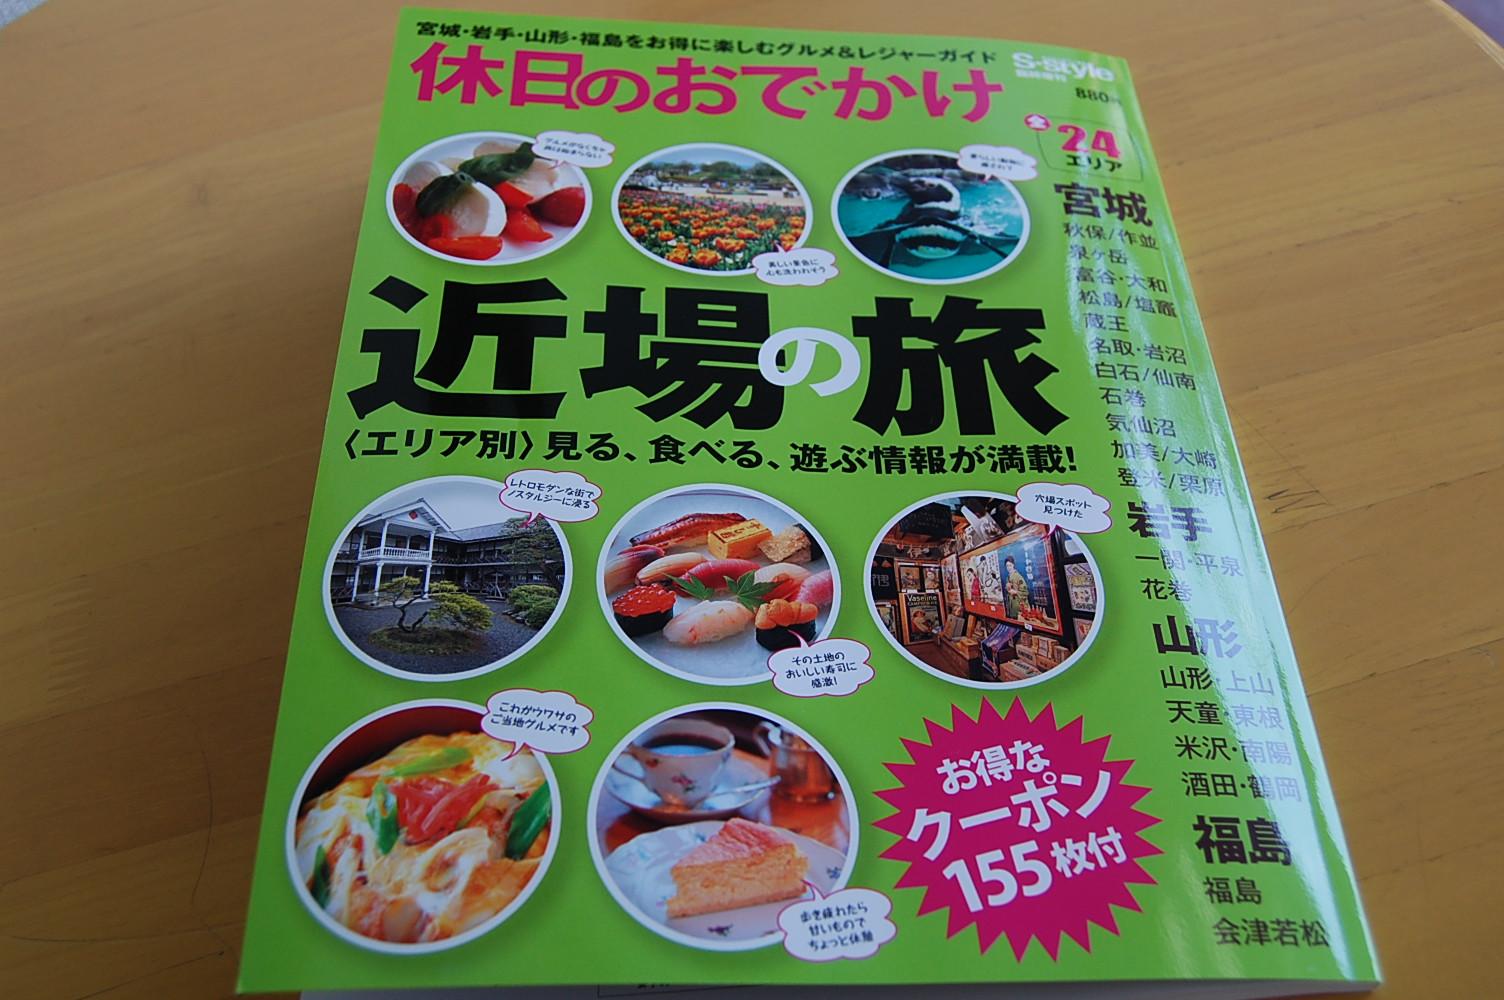 S-style臨時増刊《休日のおでかけ》に掲載していただきました!:画像